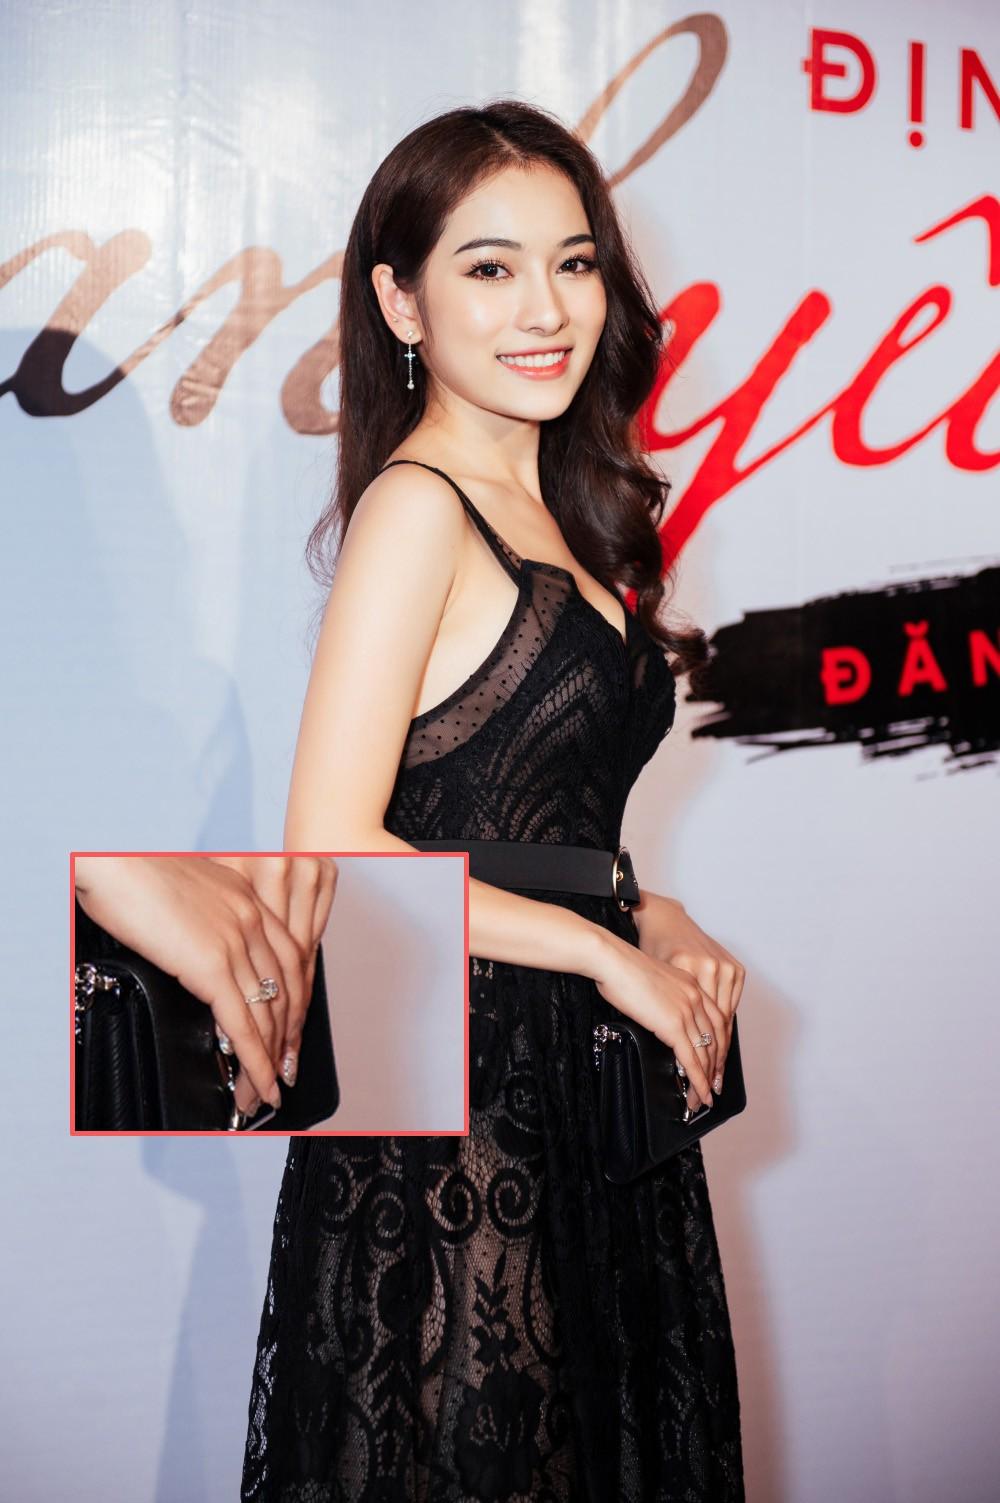 Rộ nghi vấn Dương Khắc Linh đã đính hôn bạn gái Ngọc Duyên từ chi tiết nhỏ này - Ảnh 2.